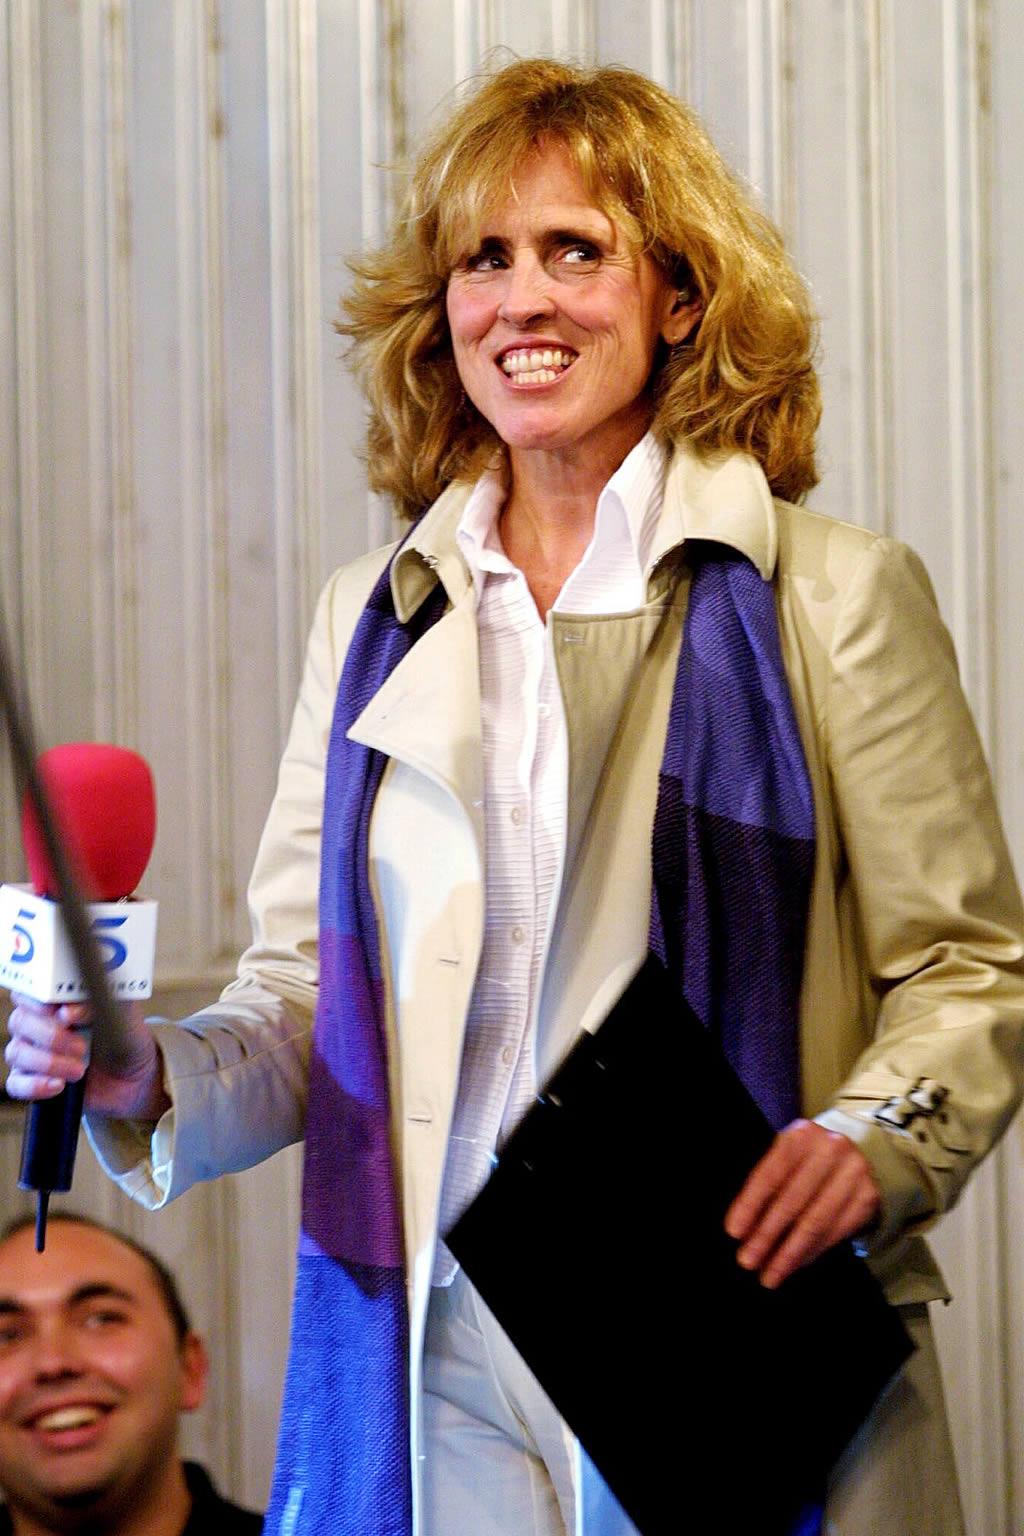 Telecinco retransmitió en directo las campanadas desde la localidad coruñesa. Mercedes Milá,  presentadora <br>Ana García